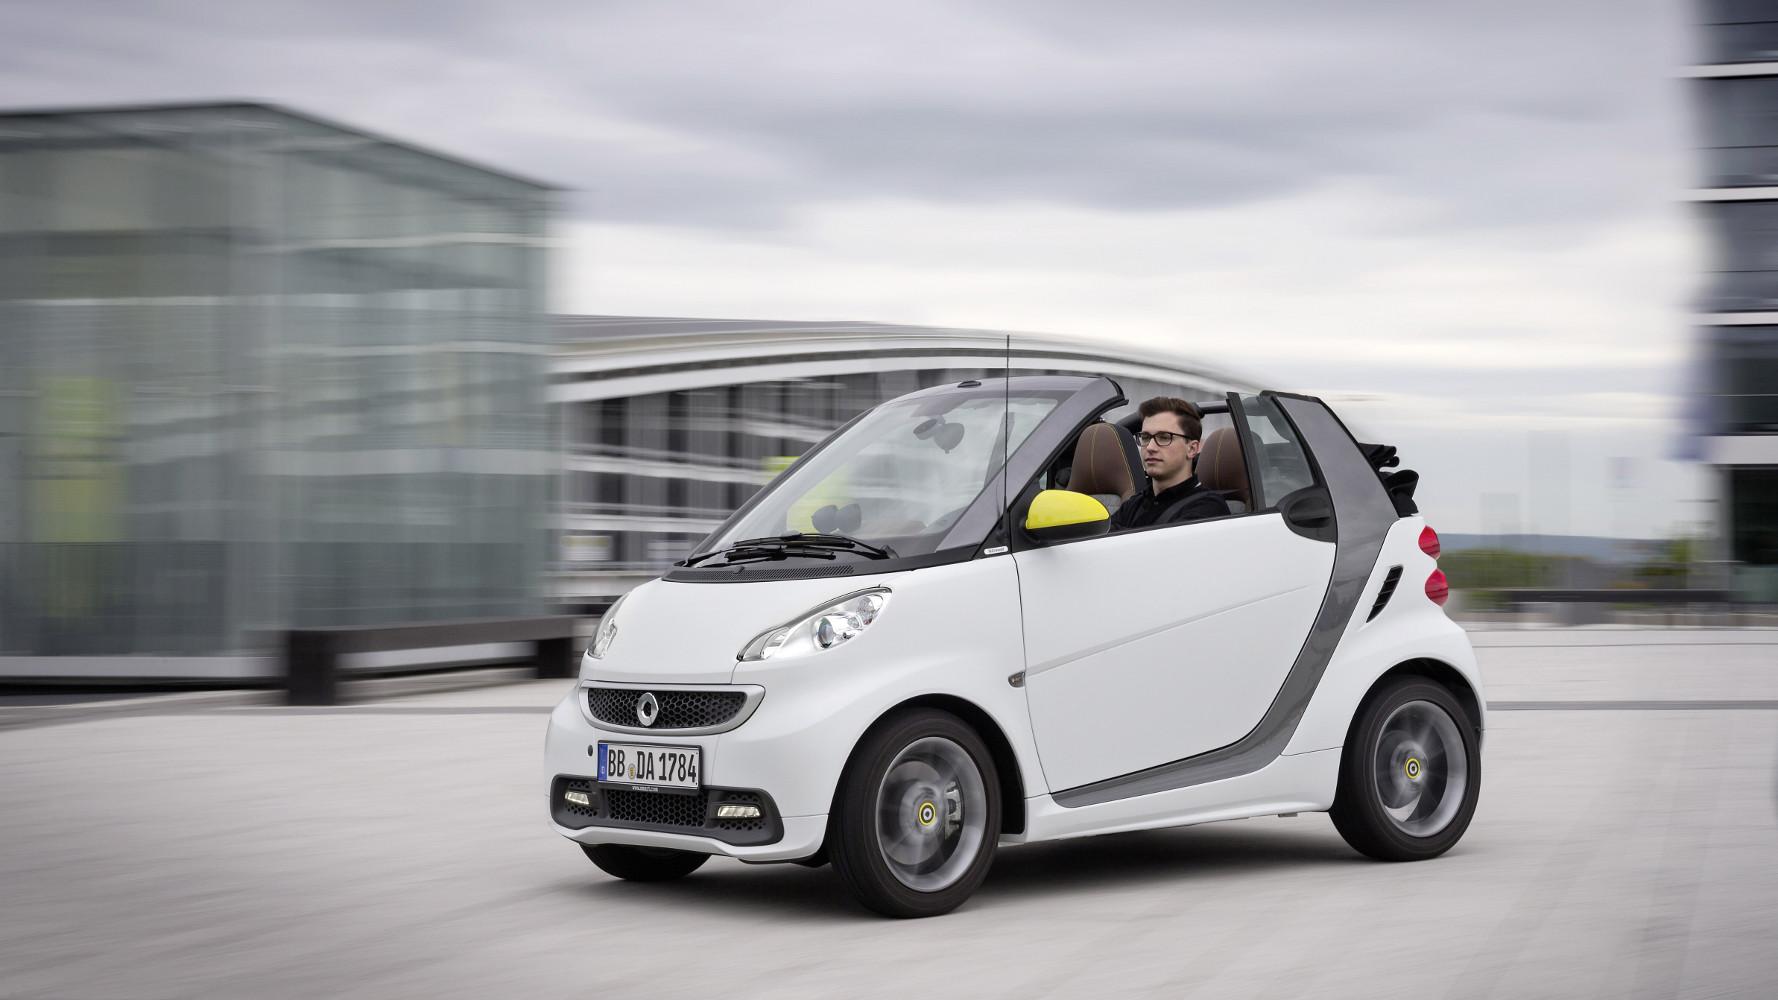 Zulassungszahlen Oktober 2013: smart ed vor BMW i3